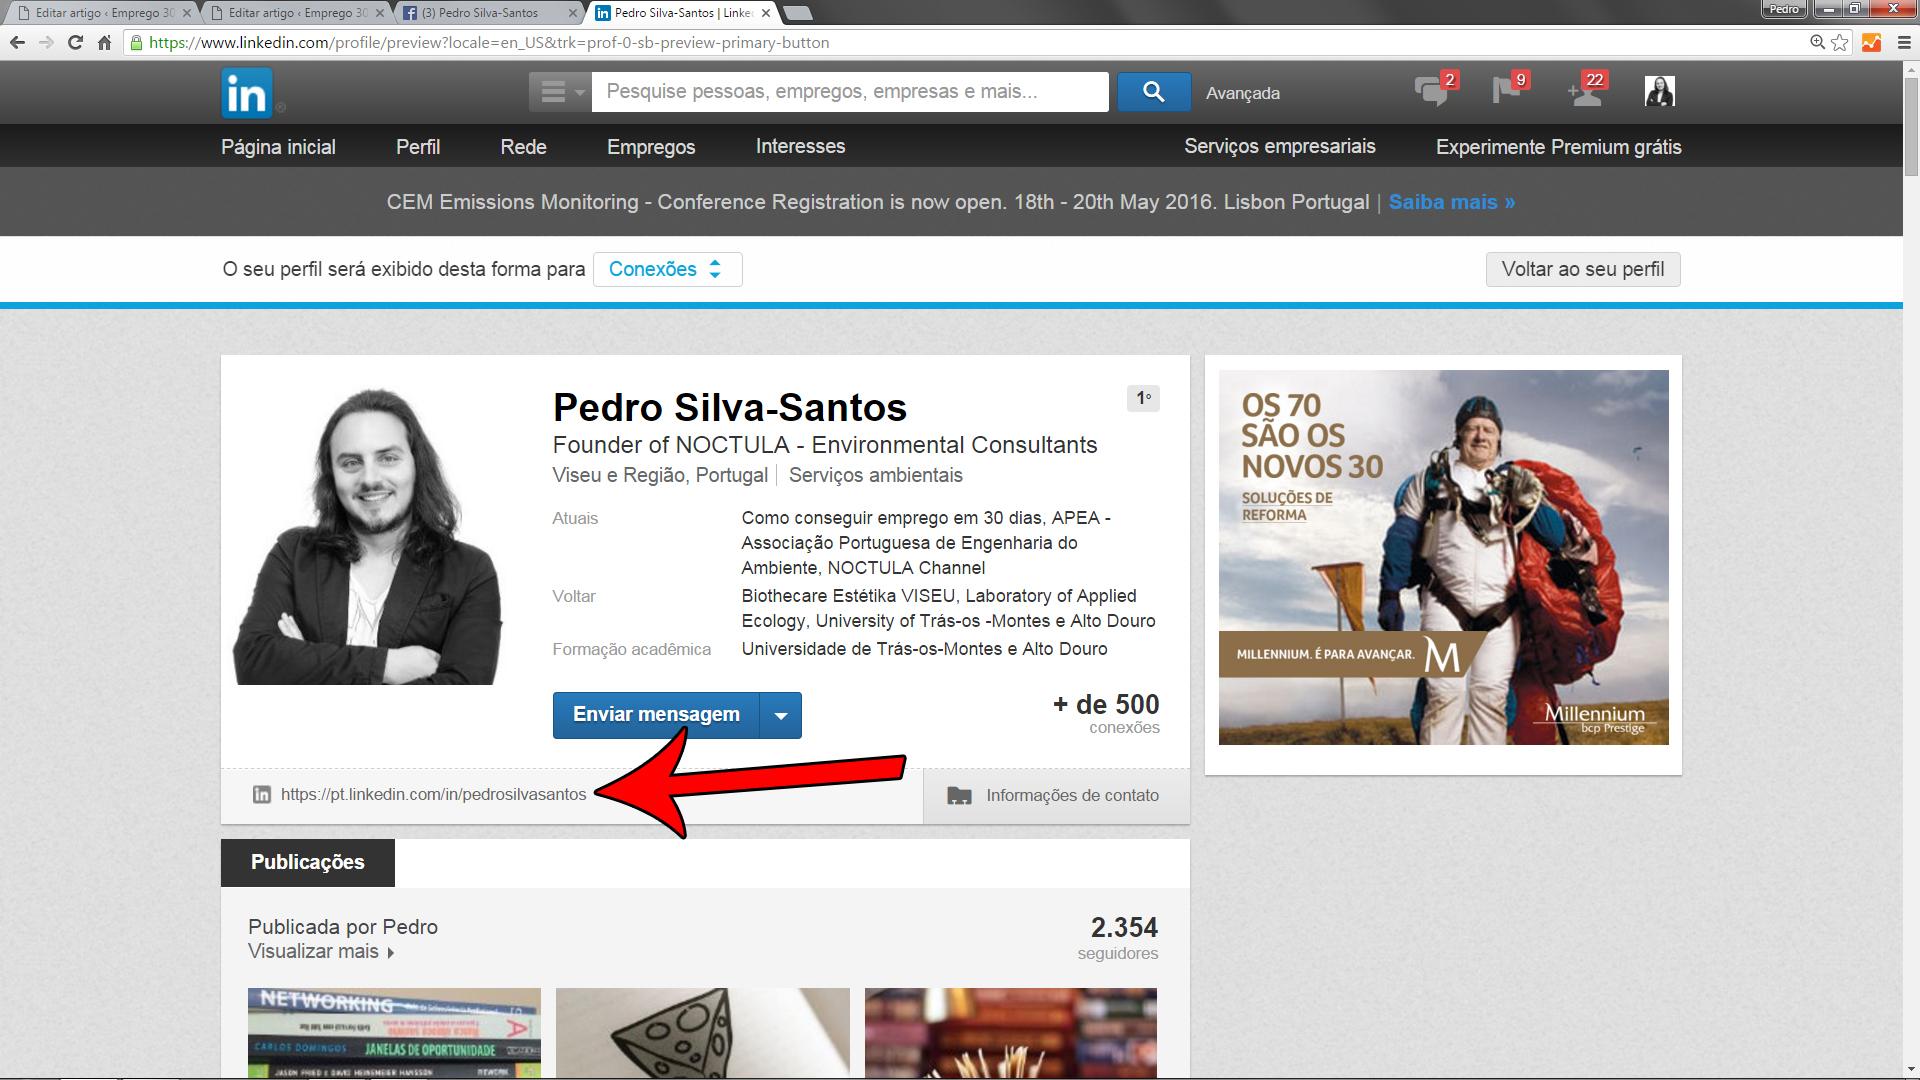 URL bem configurado no LinkedIn